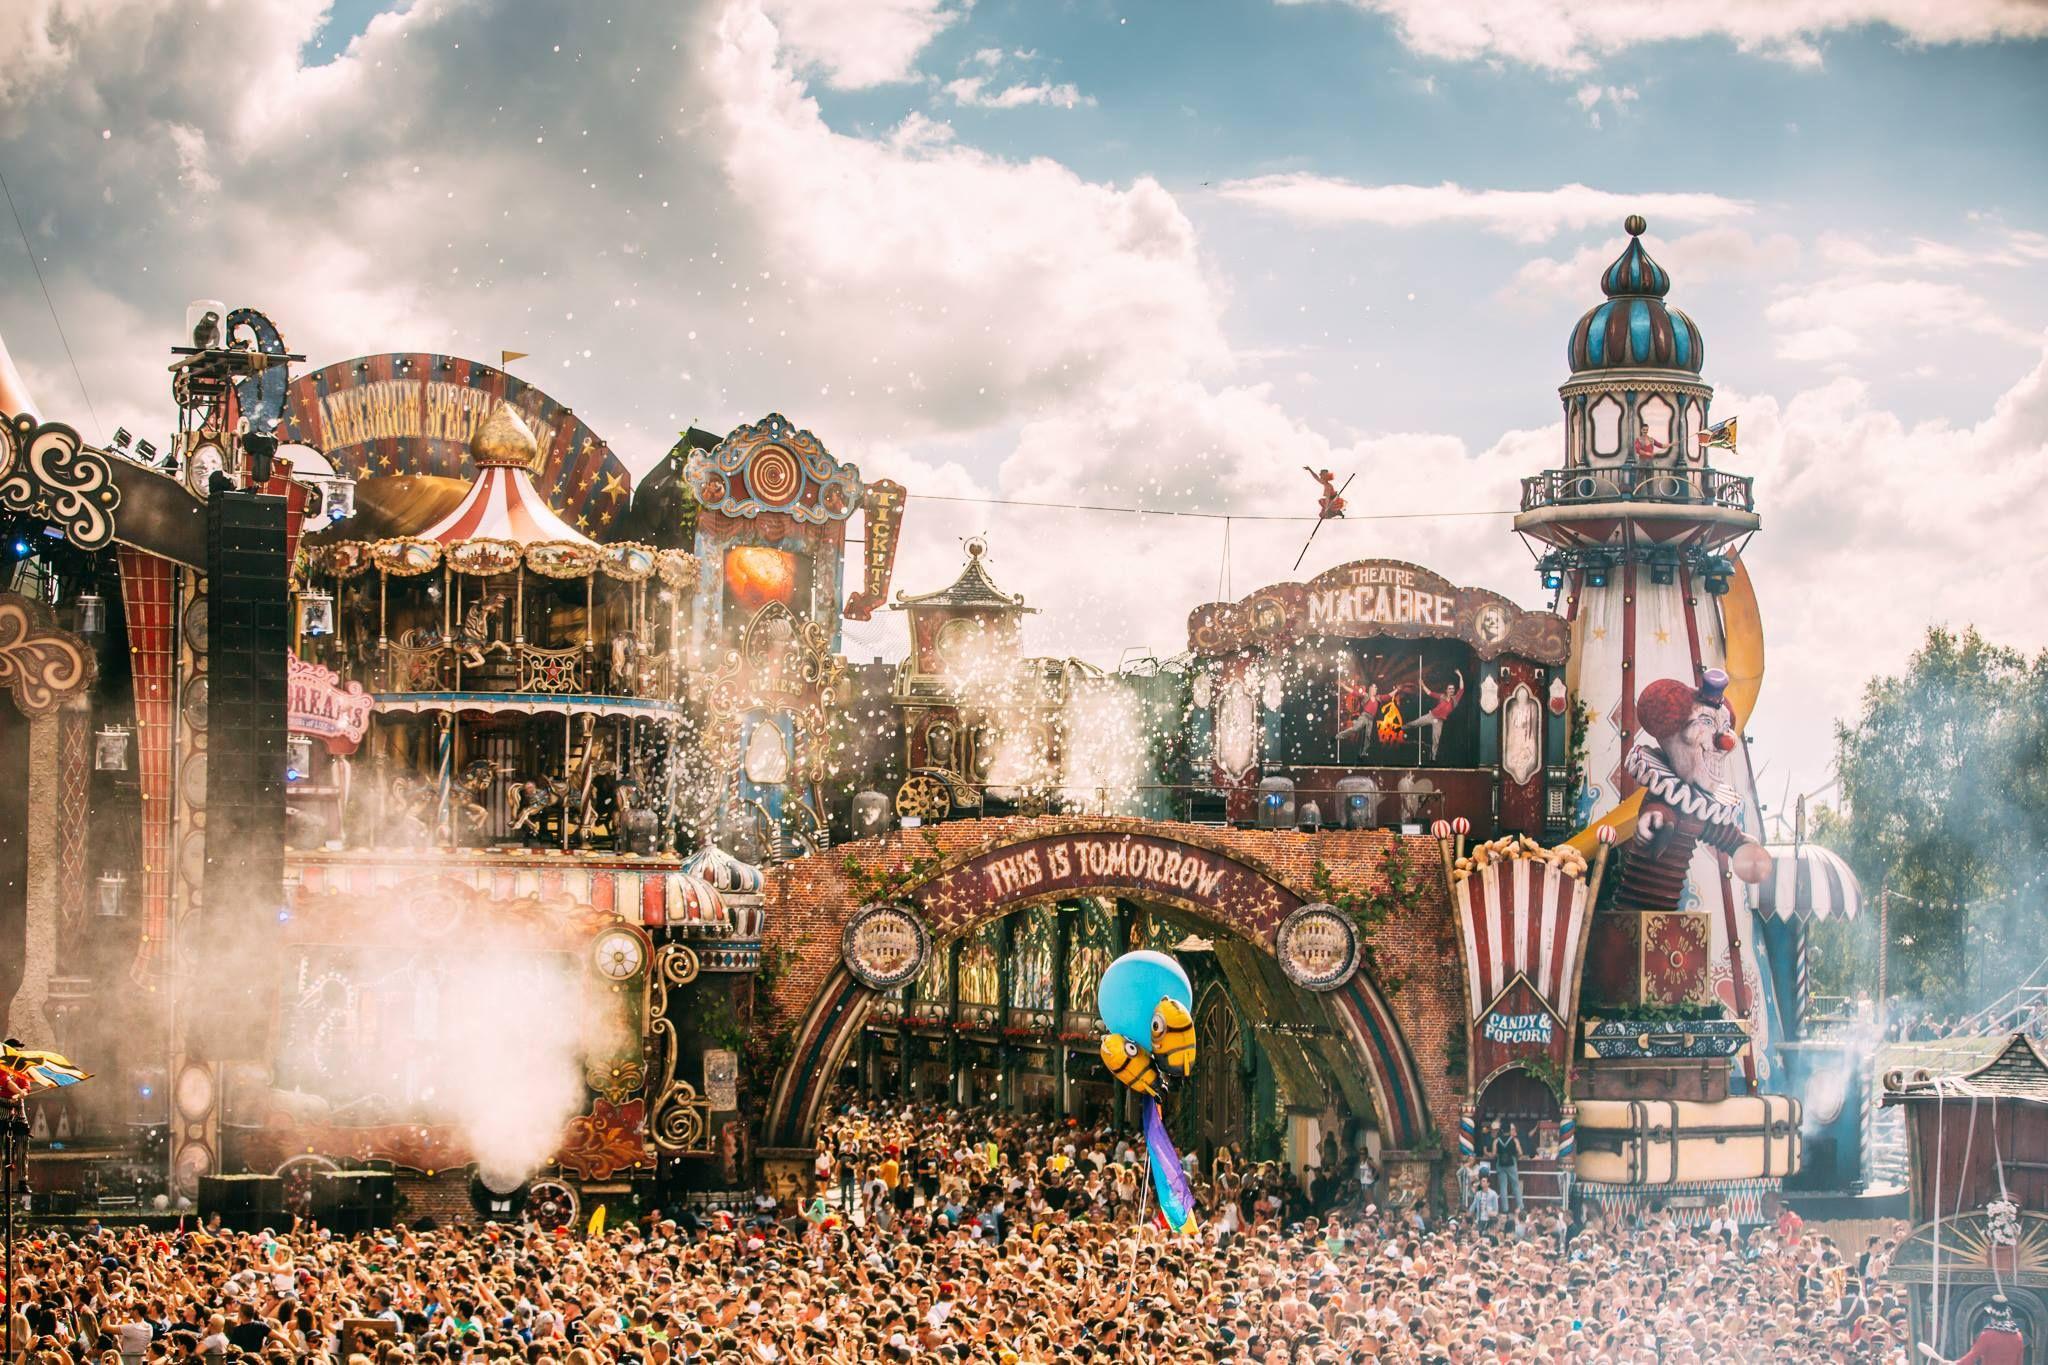 Festival Finder | Europe for festivals, Festivals for Europe